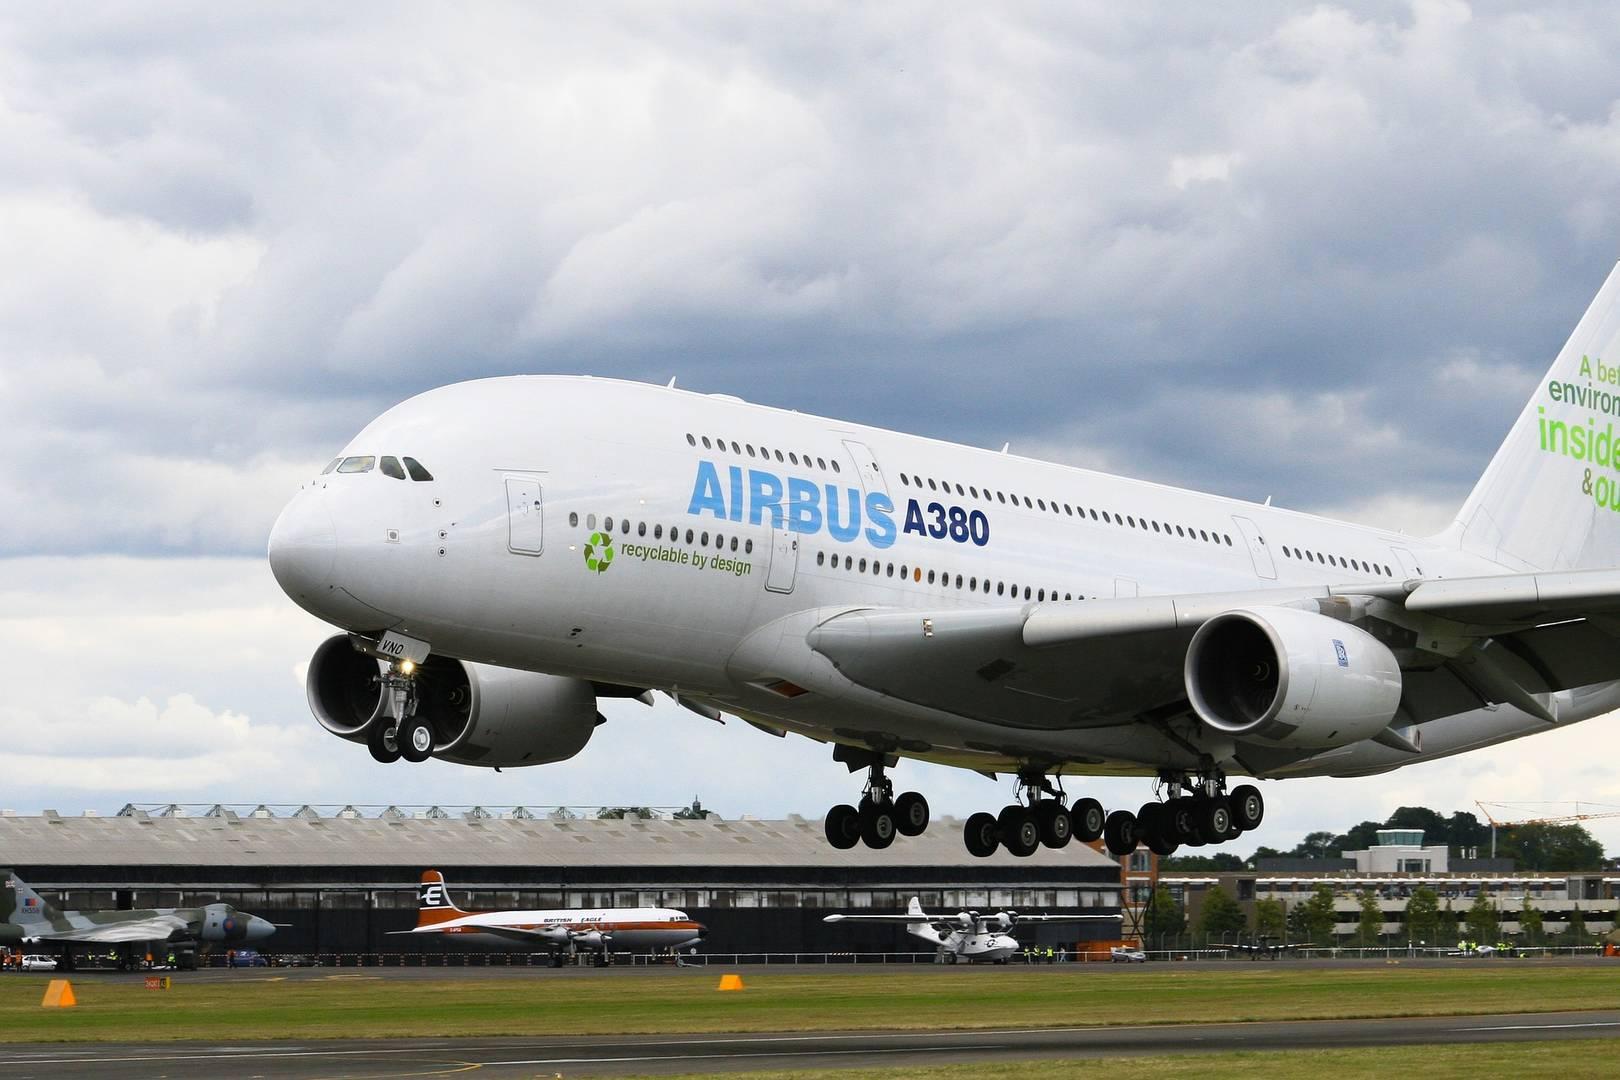 Transporte comienza a trabajar para retomar los vuelos regulares el fin de semana